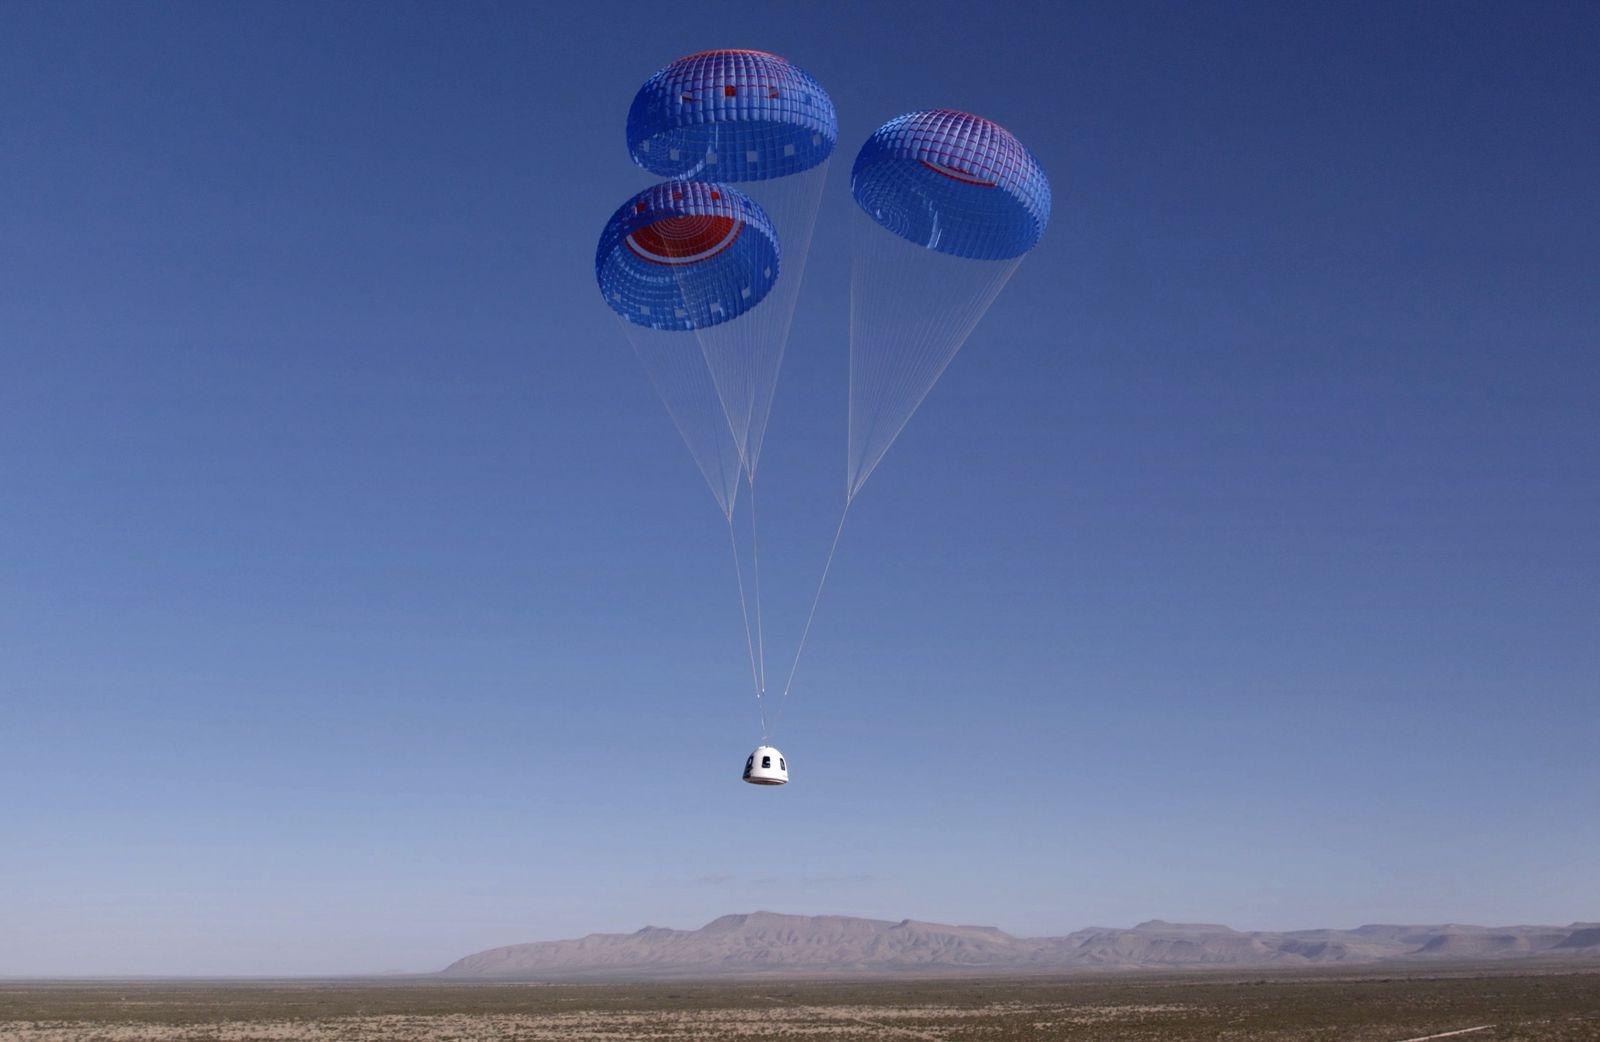 Blue Origin's NS-18 suborbital flight mission